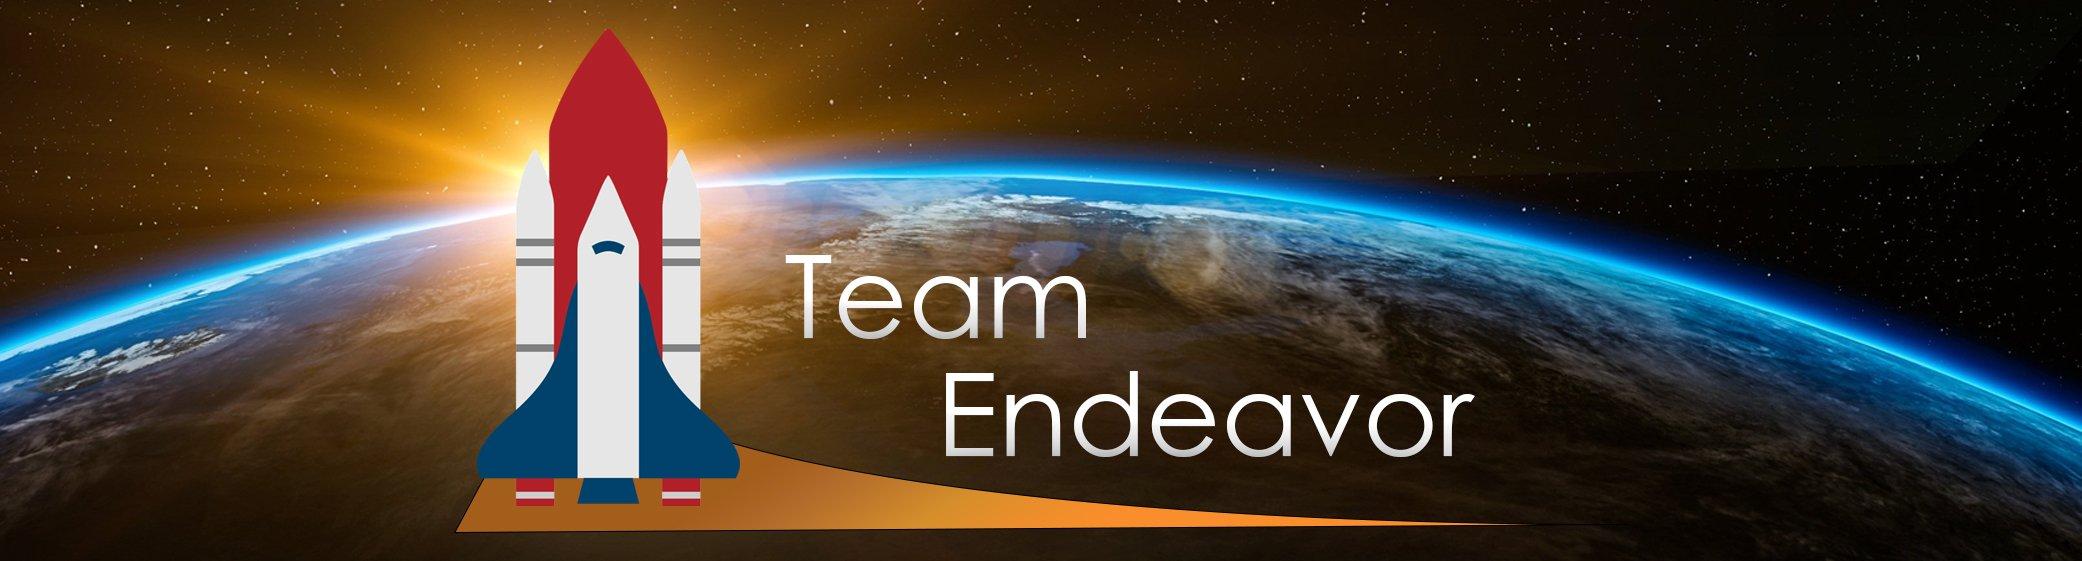 Team Endeavor New